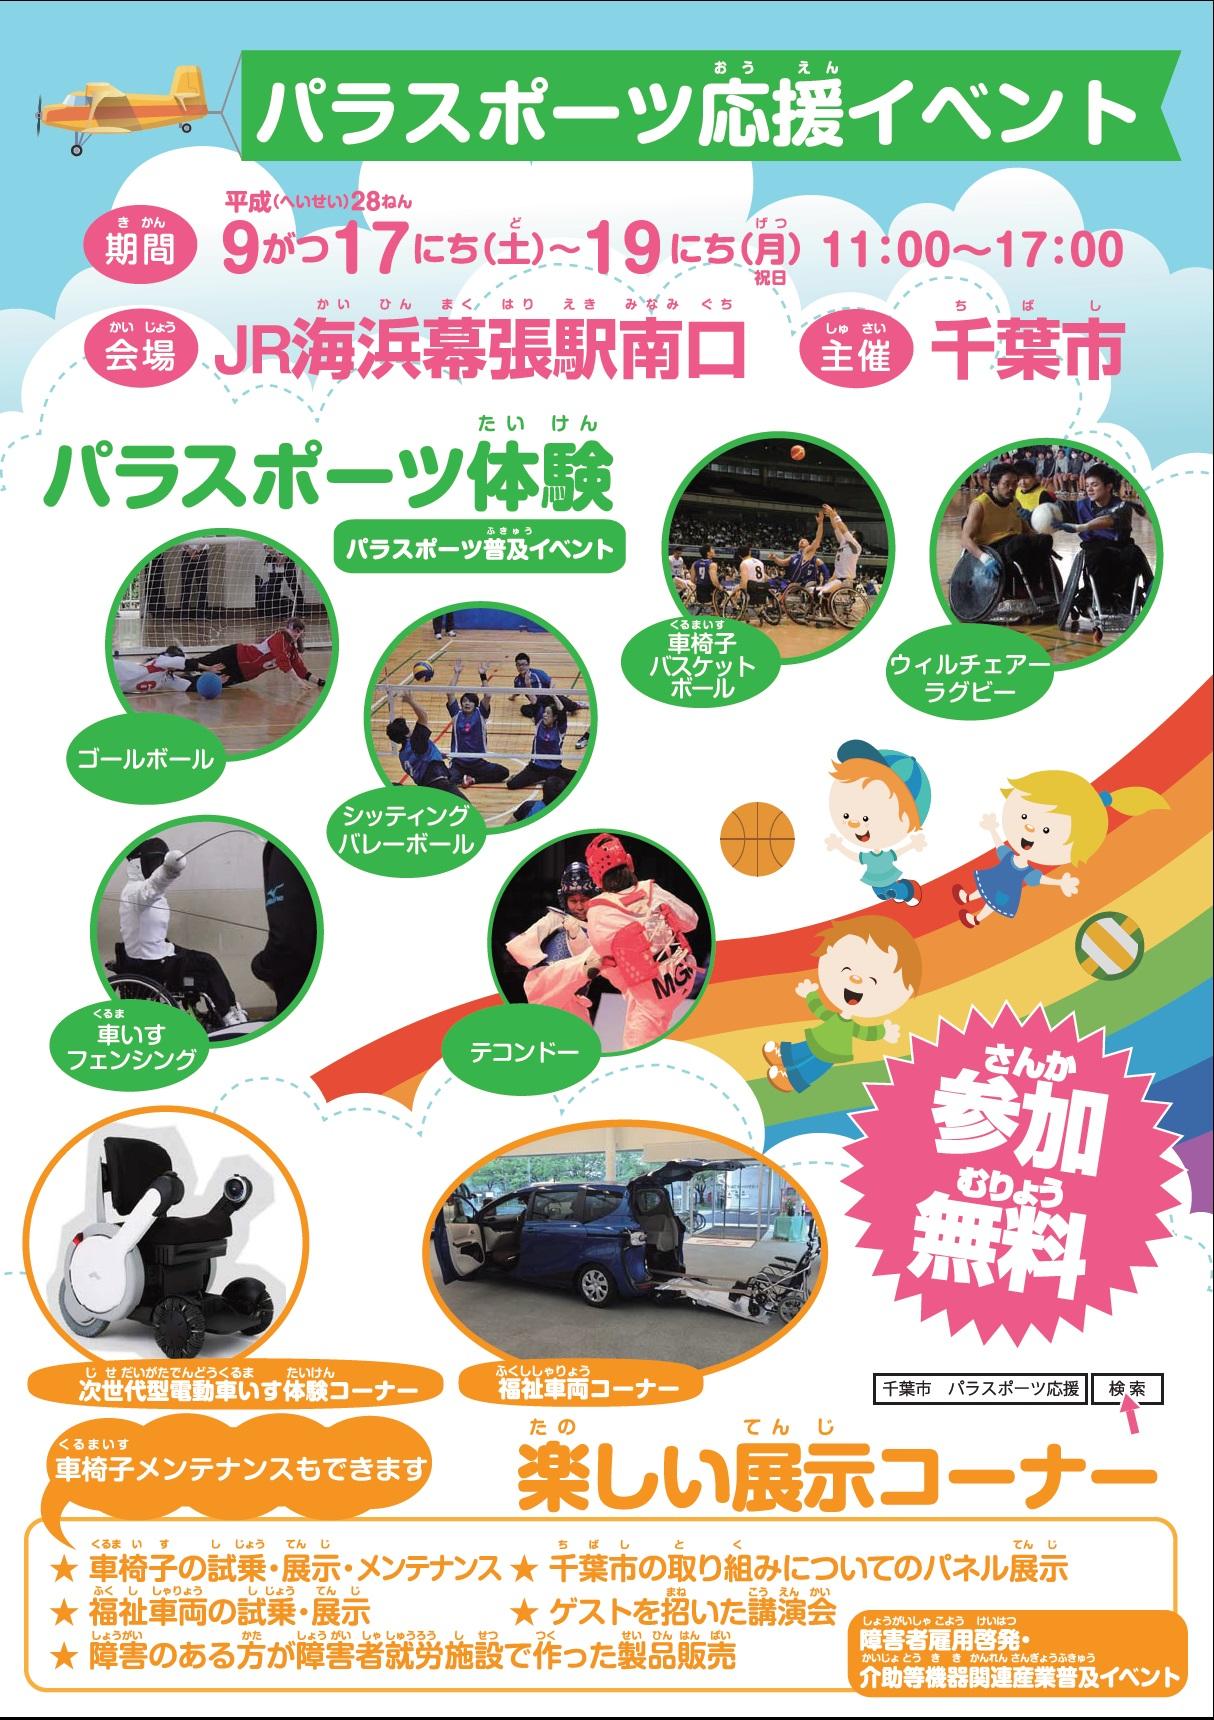 パラスポーツ応援イベント表